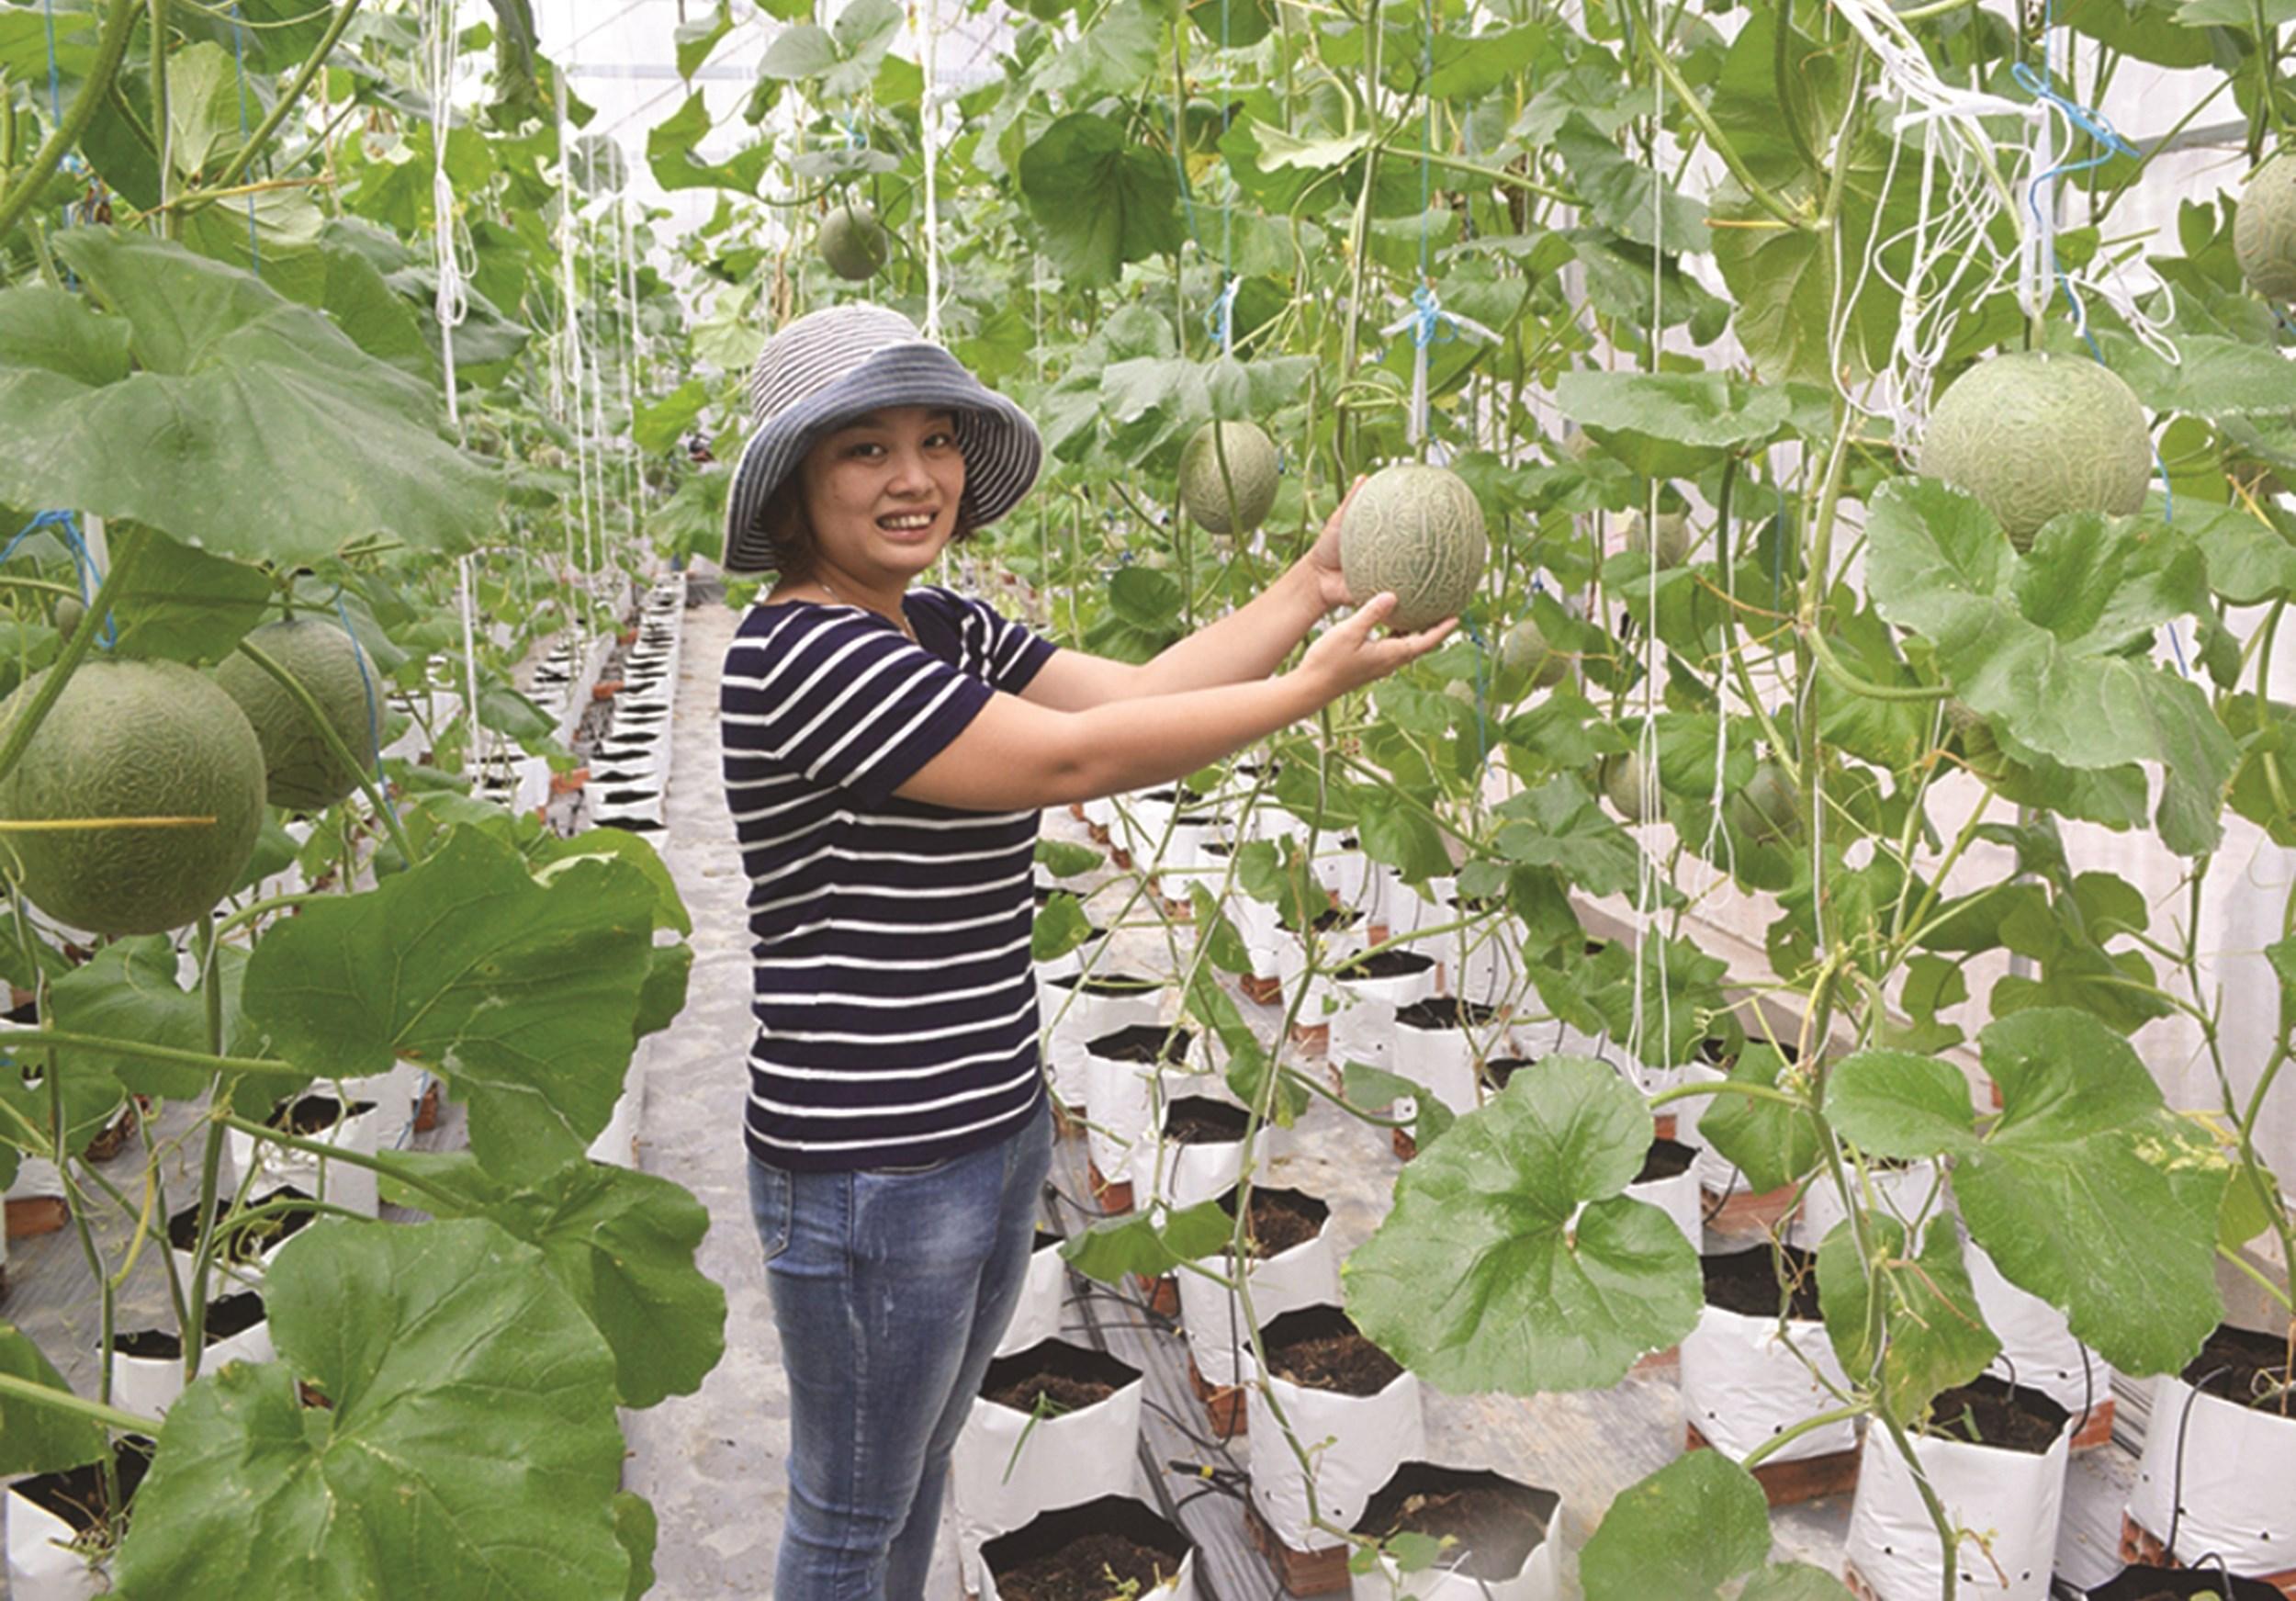 Mô hình trồng dưa lưới CNC của anh Nguyễn Vũ Xuyên ở ấp Đại Trường, xã Phú Cần, huyện Tiểu Cần bước đầu mang lại hiệu quả kinh tế cao